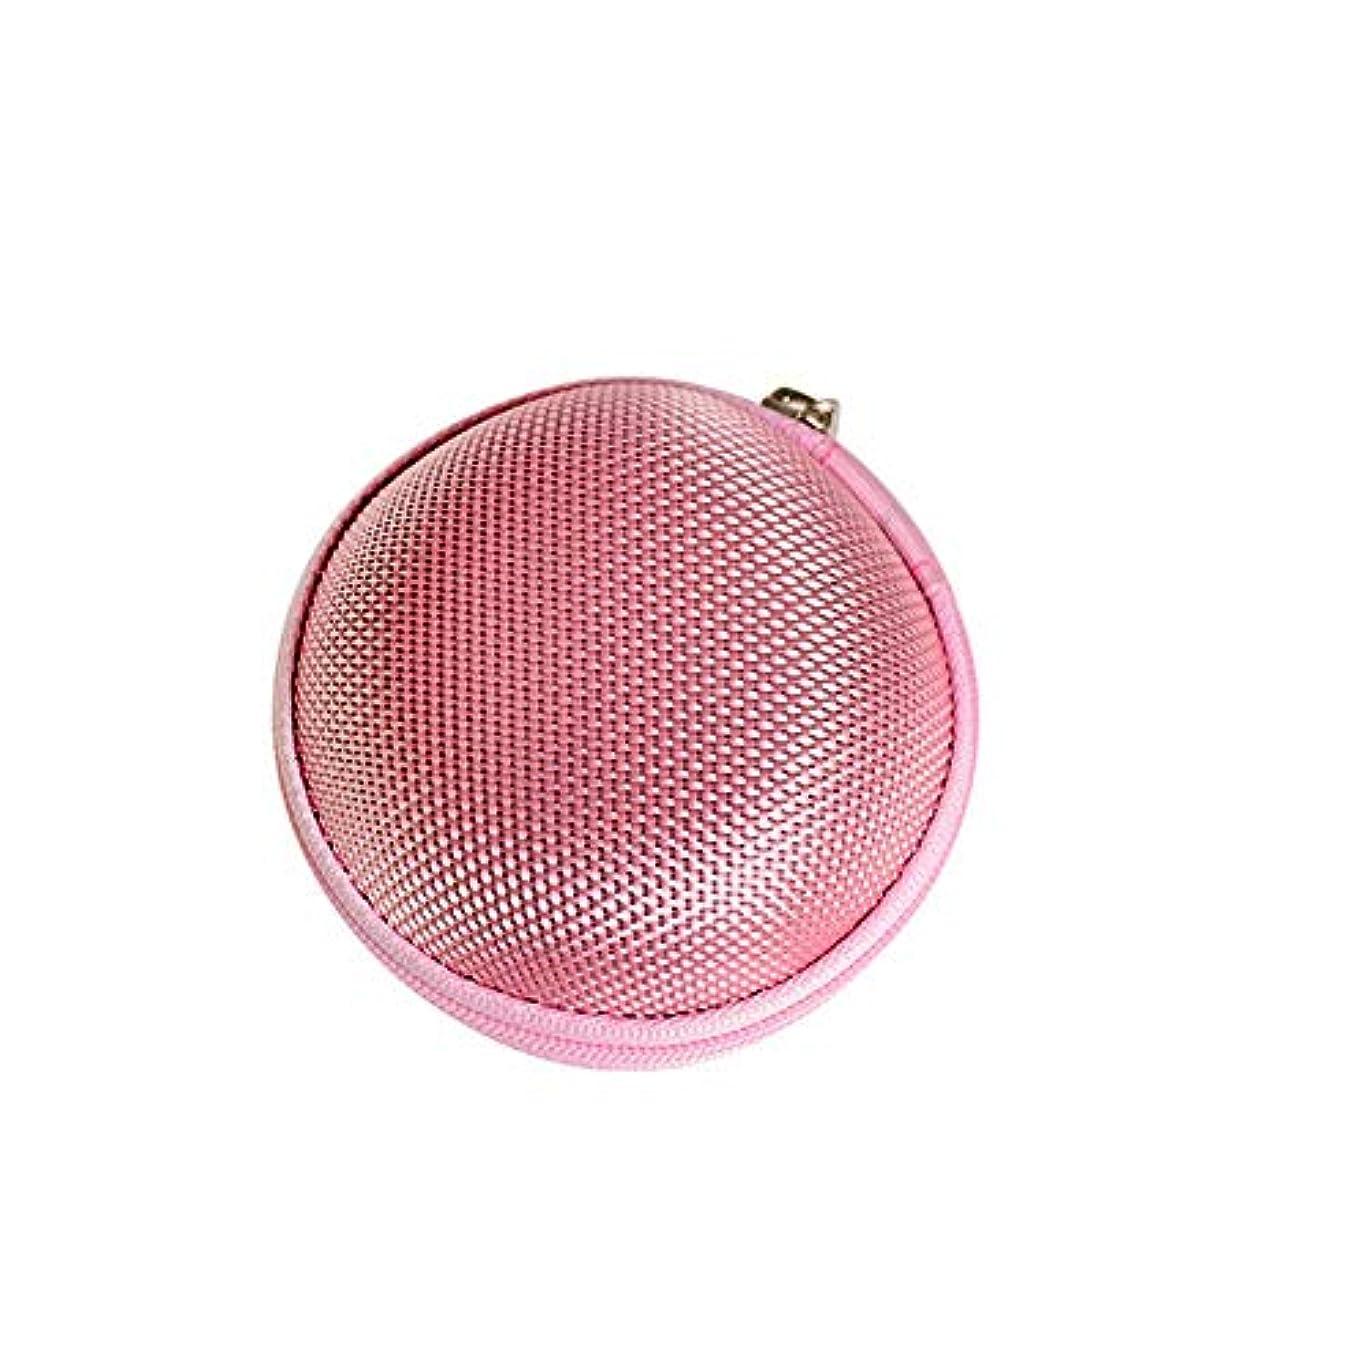 空虚慢な弾薬Chinashow エッセンシャル オイル キャリング ケース - エッセンシャル オイル スモール ストレージ オーガナイザー フォーム インサート と 7本 ボトル付き(2ml)ピンク